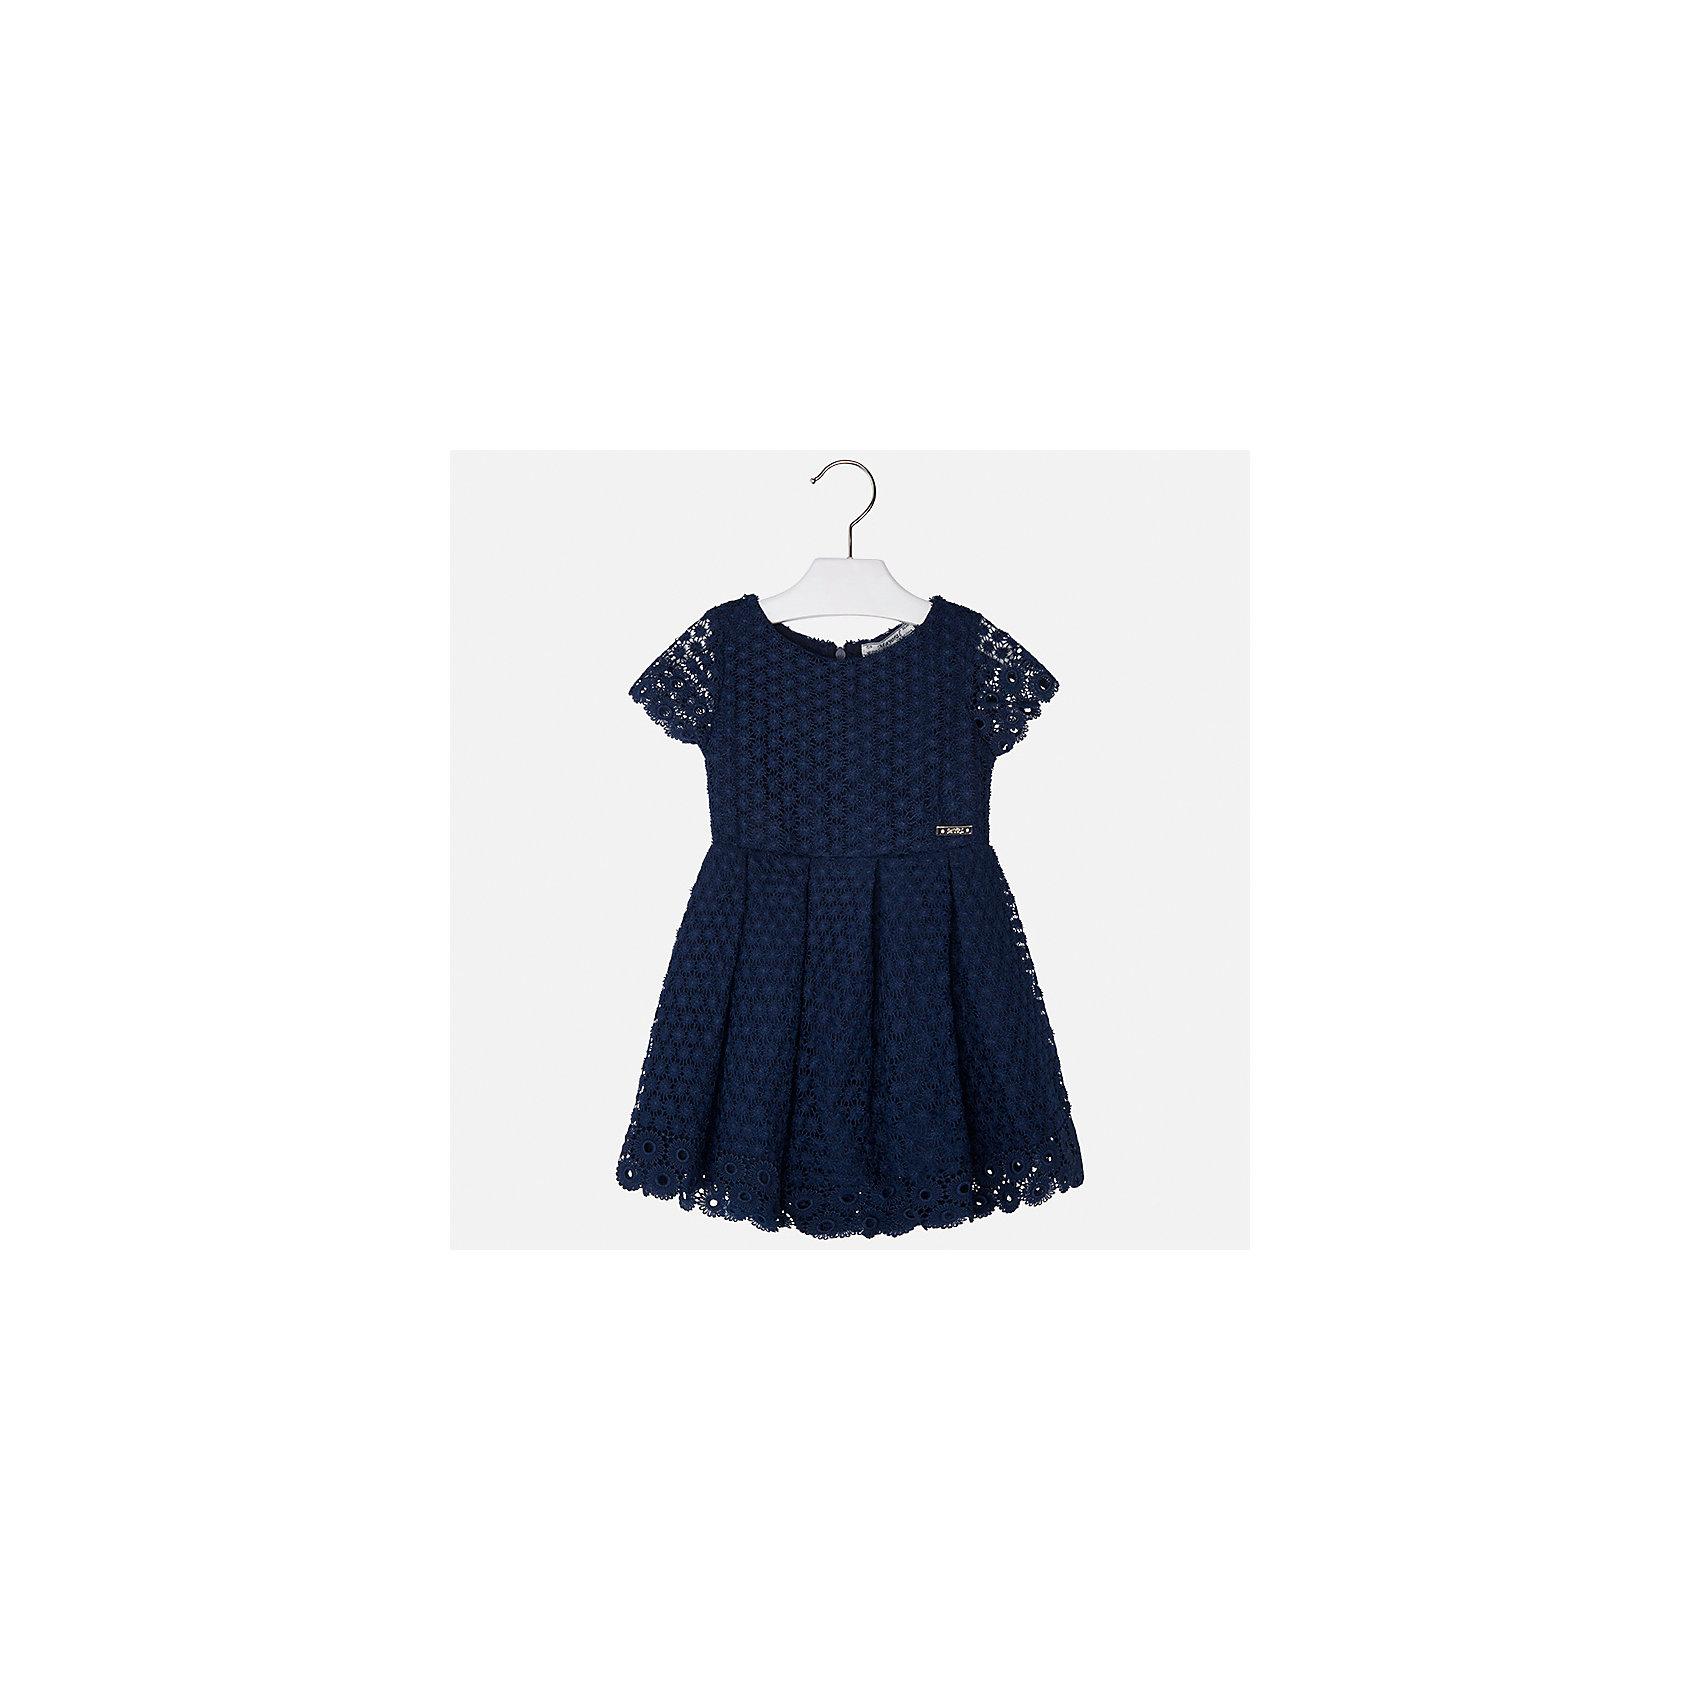 Платье для девочки MayoralОдежда<br>Характеристики товара:<br><br>• цвет: темно-синий<br>• состав: 100% полиэстер, подкладка - 80% полиэстер, 20% хлопок<br>• застежка: молния<br>• легкий материал<br>• ажурная ткань верха<br>• короткие рукава<br>• с подкладкой<br>• страна бренда: Испания<br><br>Красивое легкое платье для девочки поможет разнообразить гардероб ребенка и создать эффектный наряд. Оно подойдет и для торжественных случаев, может быть и как ежедневный наряд. Красивый оттенок позволяет подобрать к вещи обувь разных расцветок. В составе материала подкладки - натуральный хлопок, гипоаллергенный, приятный на ощупь, дышащий. Платье хорошо сидит по фигуре.<br><br>Одежда, обувь и аксессуары от испанского бренда Mayoral полюбились детям и взрослым по всему миру. Модели этой марки - стильные и удобные. Для их производства используются только безопасные, качественные материалы и фурнитура. Порадуйте ребенка модными и красивыми вещами от Mayoral! <br><br>Платье для девочки от испанского бренда Mayoral (Майорал) можно купить в нашем интернет-магазине.<br><br>Ширина мм: 236<br>Глубина мм: 16<br>Высота мм: 184<br>Вес г: 177<br>Цвет: синий<br>Возраст от месяцев: 96<br>Возраст до месяцев: 108<br>Пол: Женский<br>Возраст: Детский<br>Размер: 134,98,104,110,116,122,128<br>SKU: 5291076